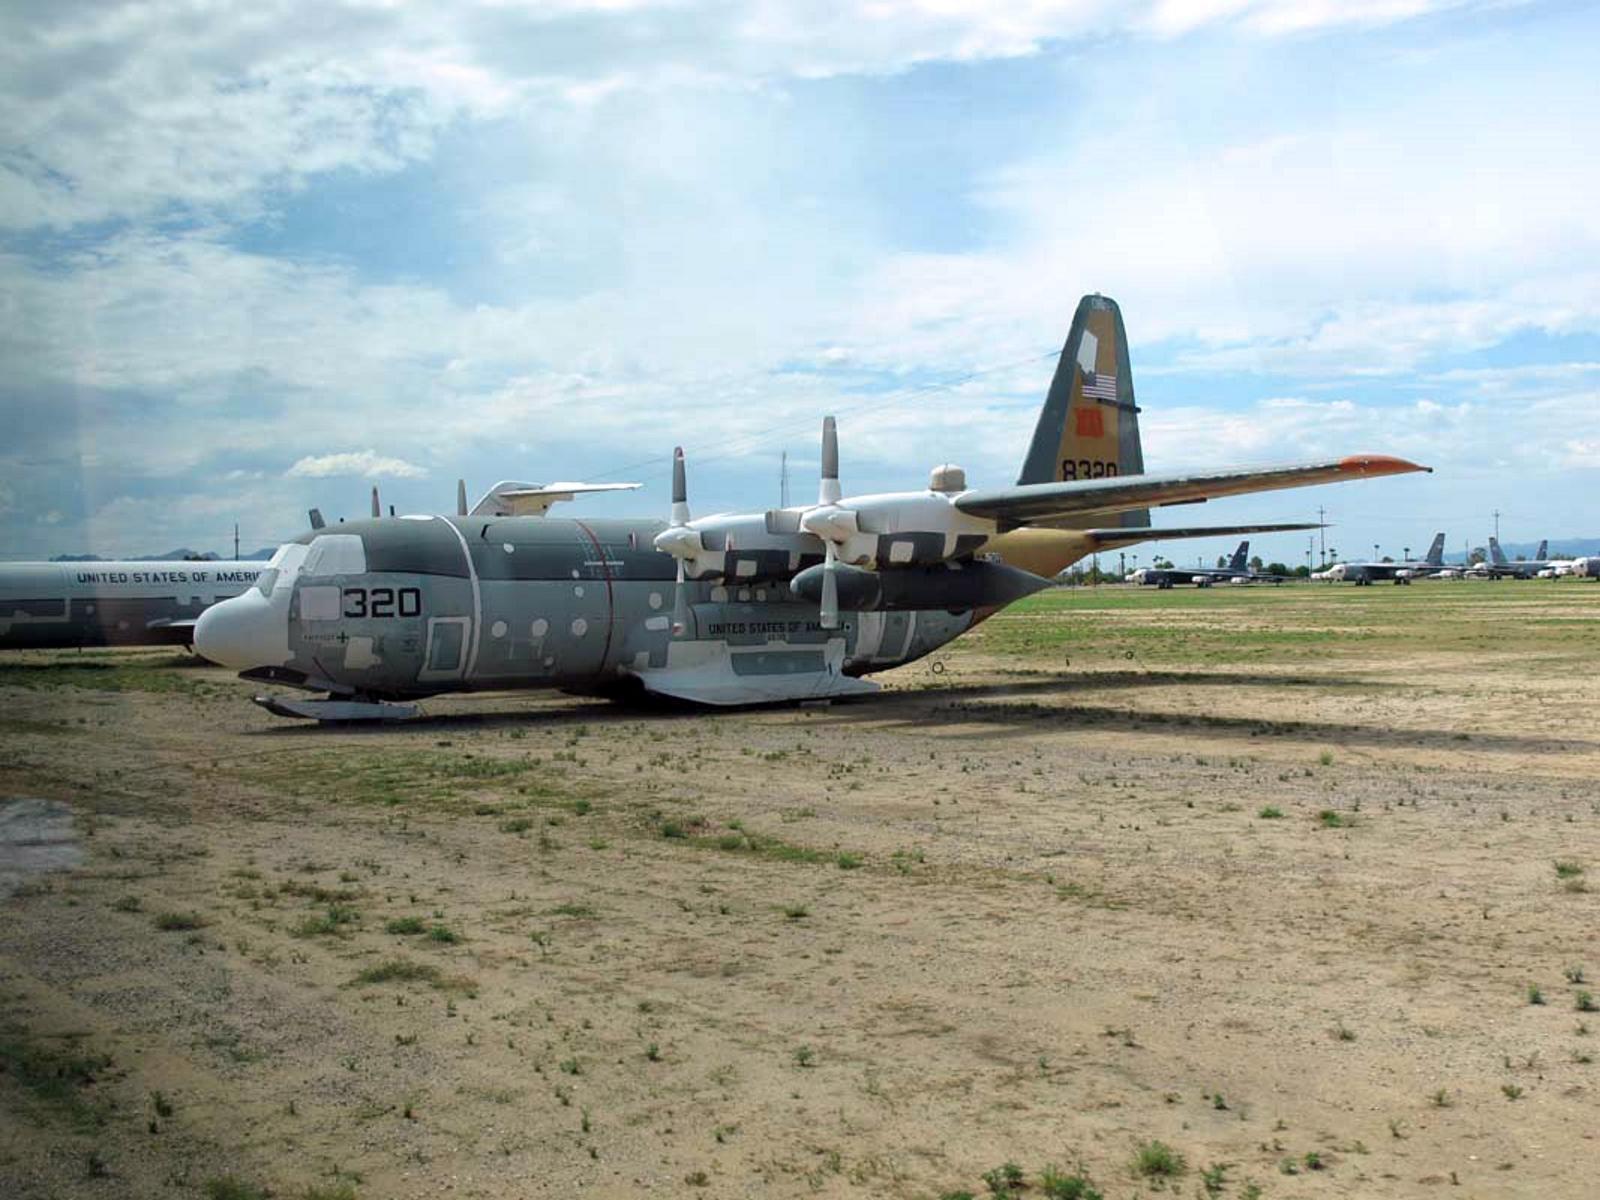 Lockheed LNR-130 Hercules